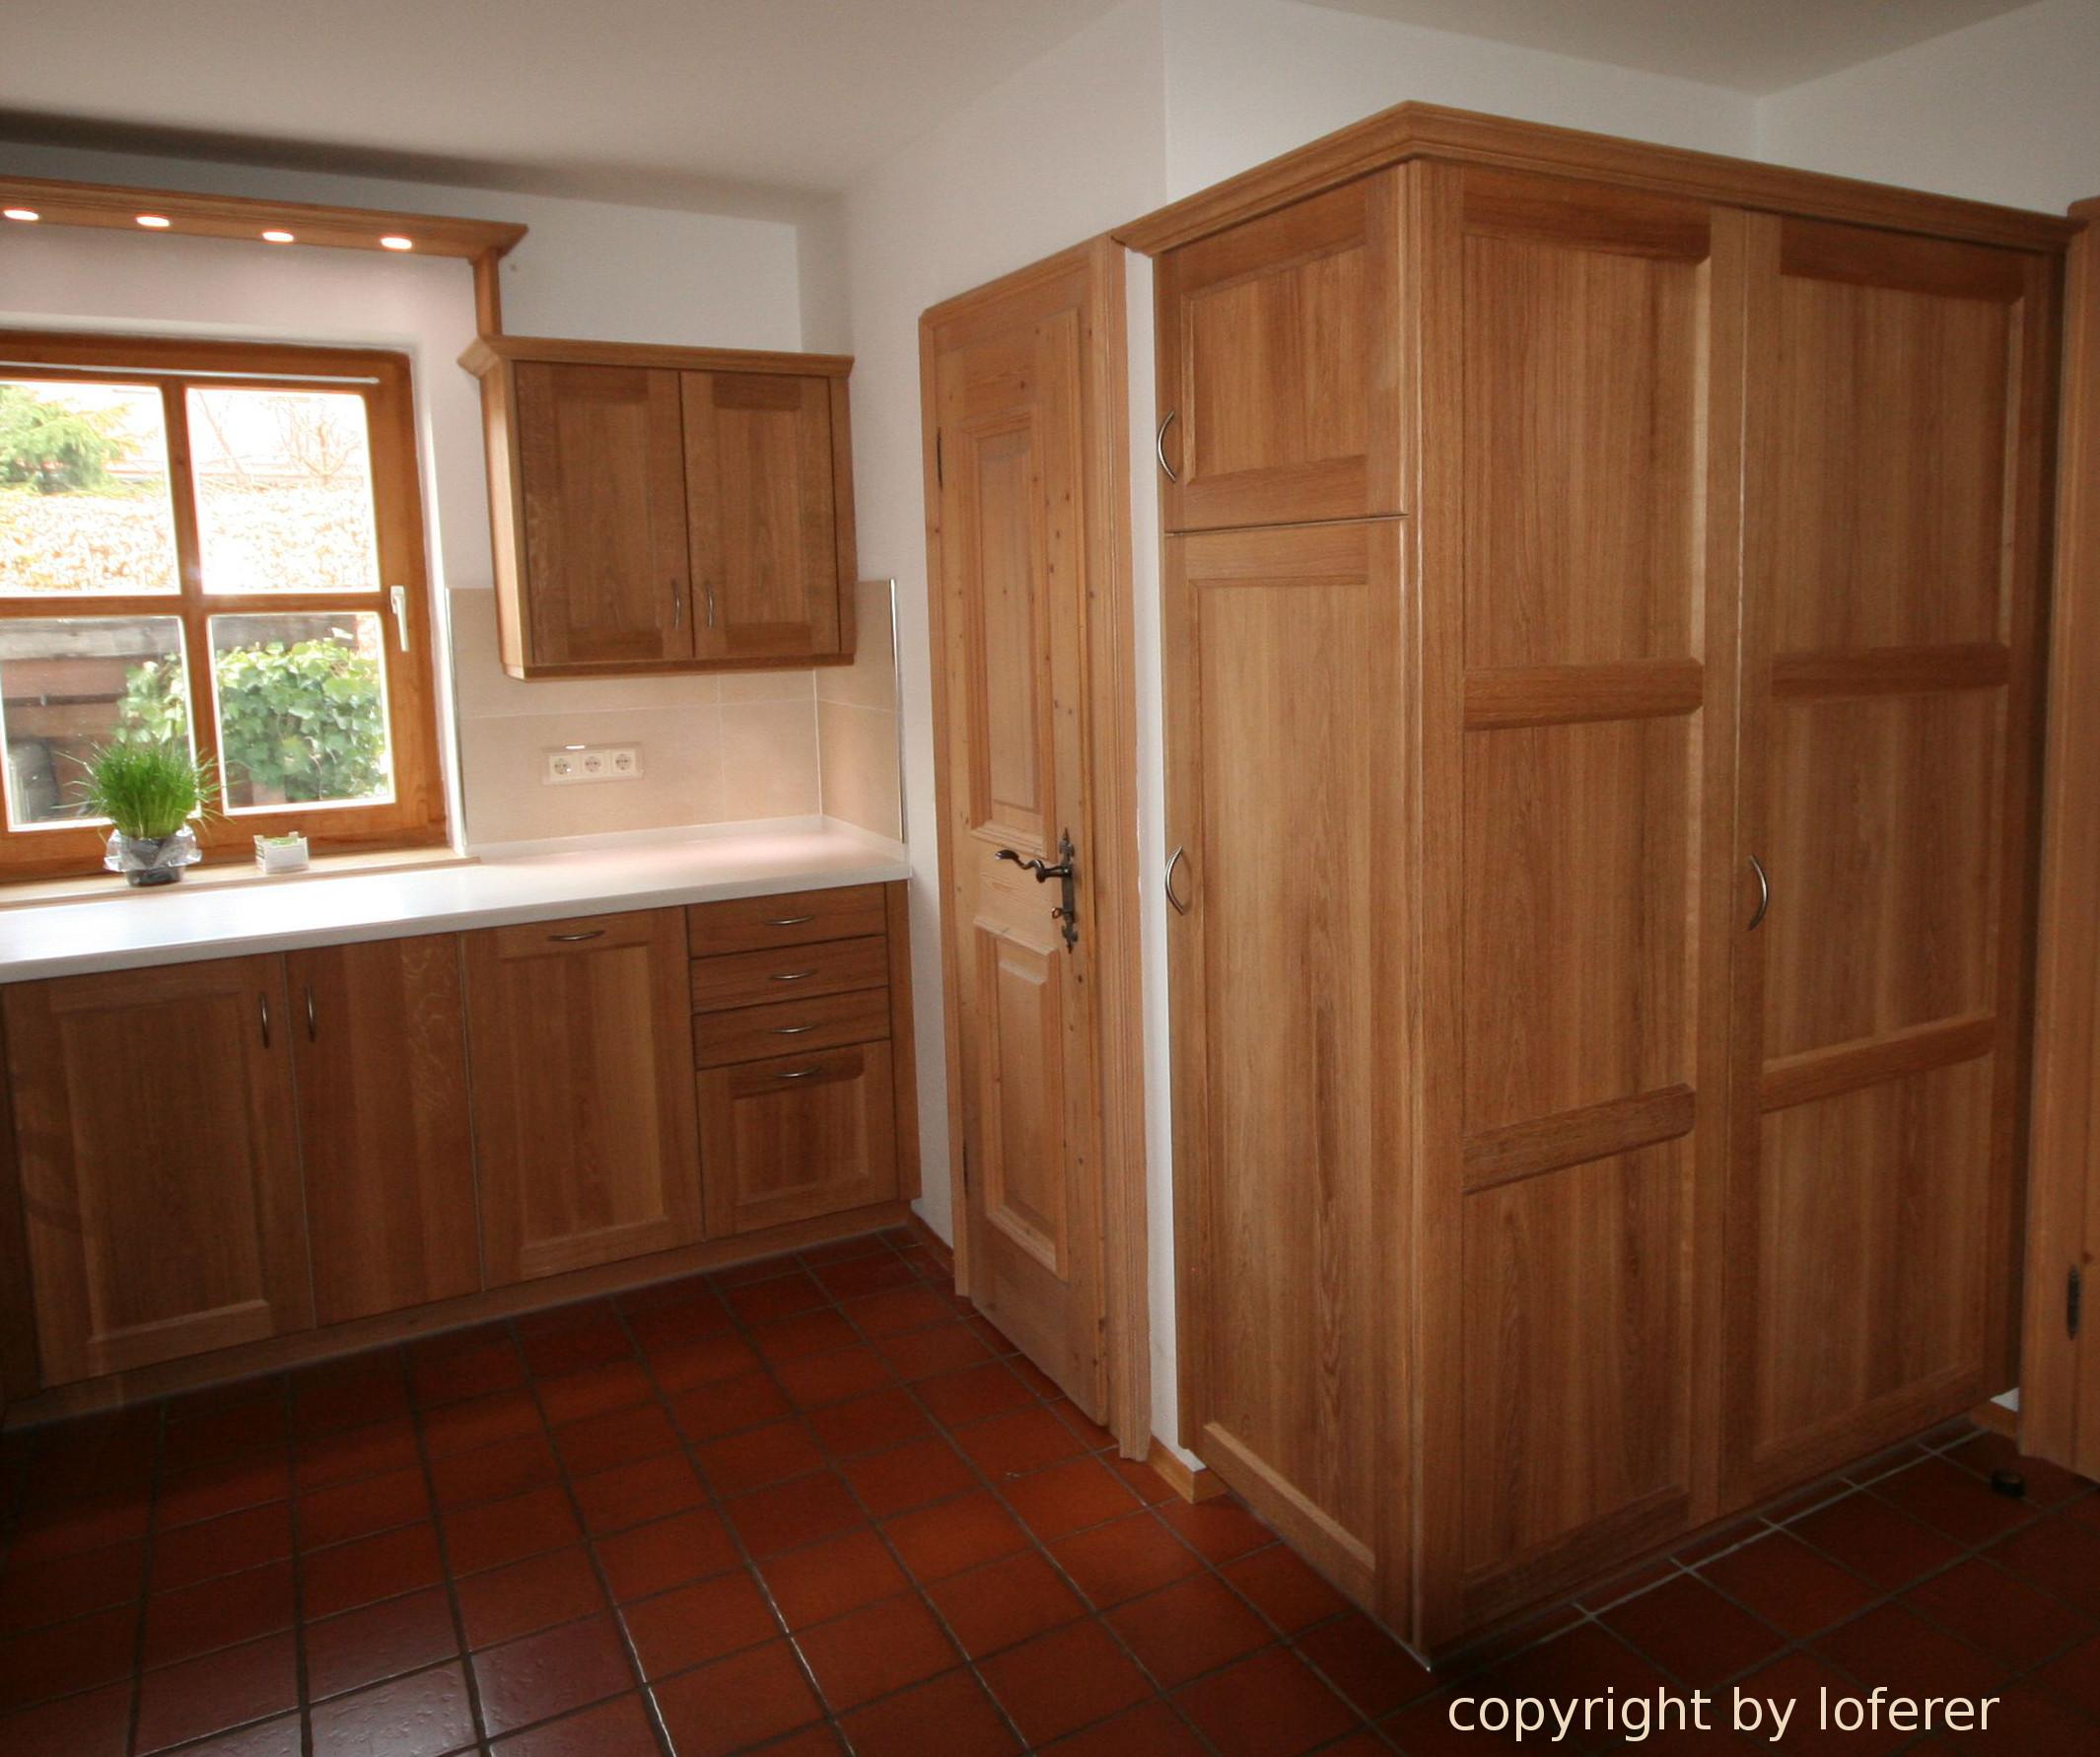 Hochschrank Küche Kühlschrank ~ Küche Eiche massiv Hochschrank für Kühlschrank und Regalschrank